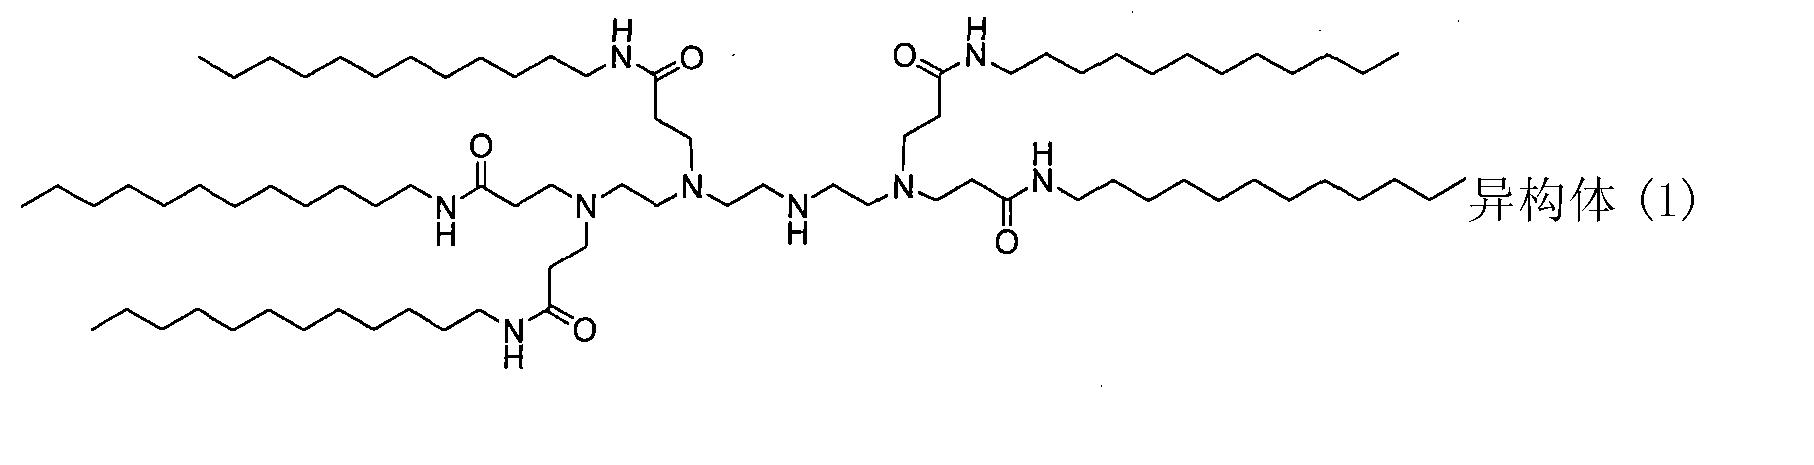 Figure CN101616677BD00345